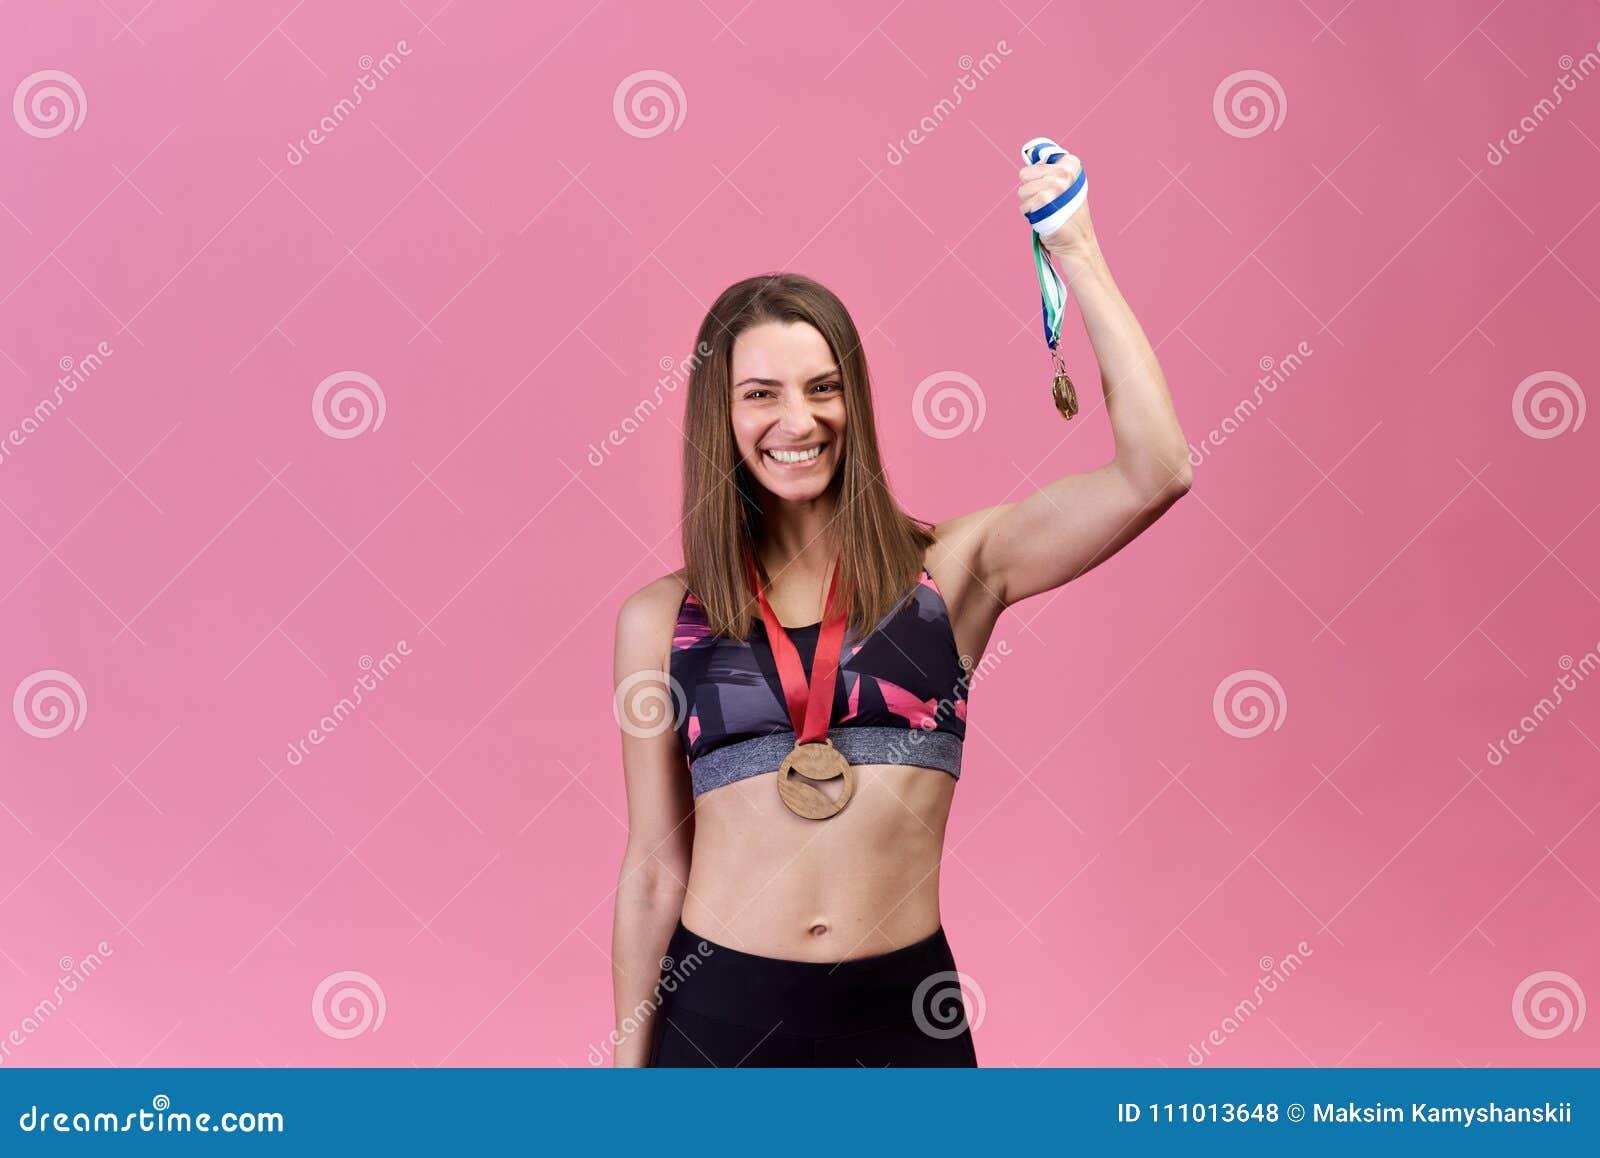 Il riuscito bello atleta della ragazza su fondo isolato mostra la vittoria, il successo, medaglie